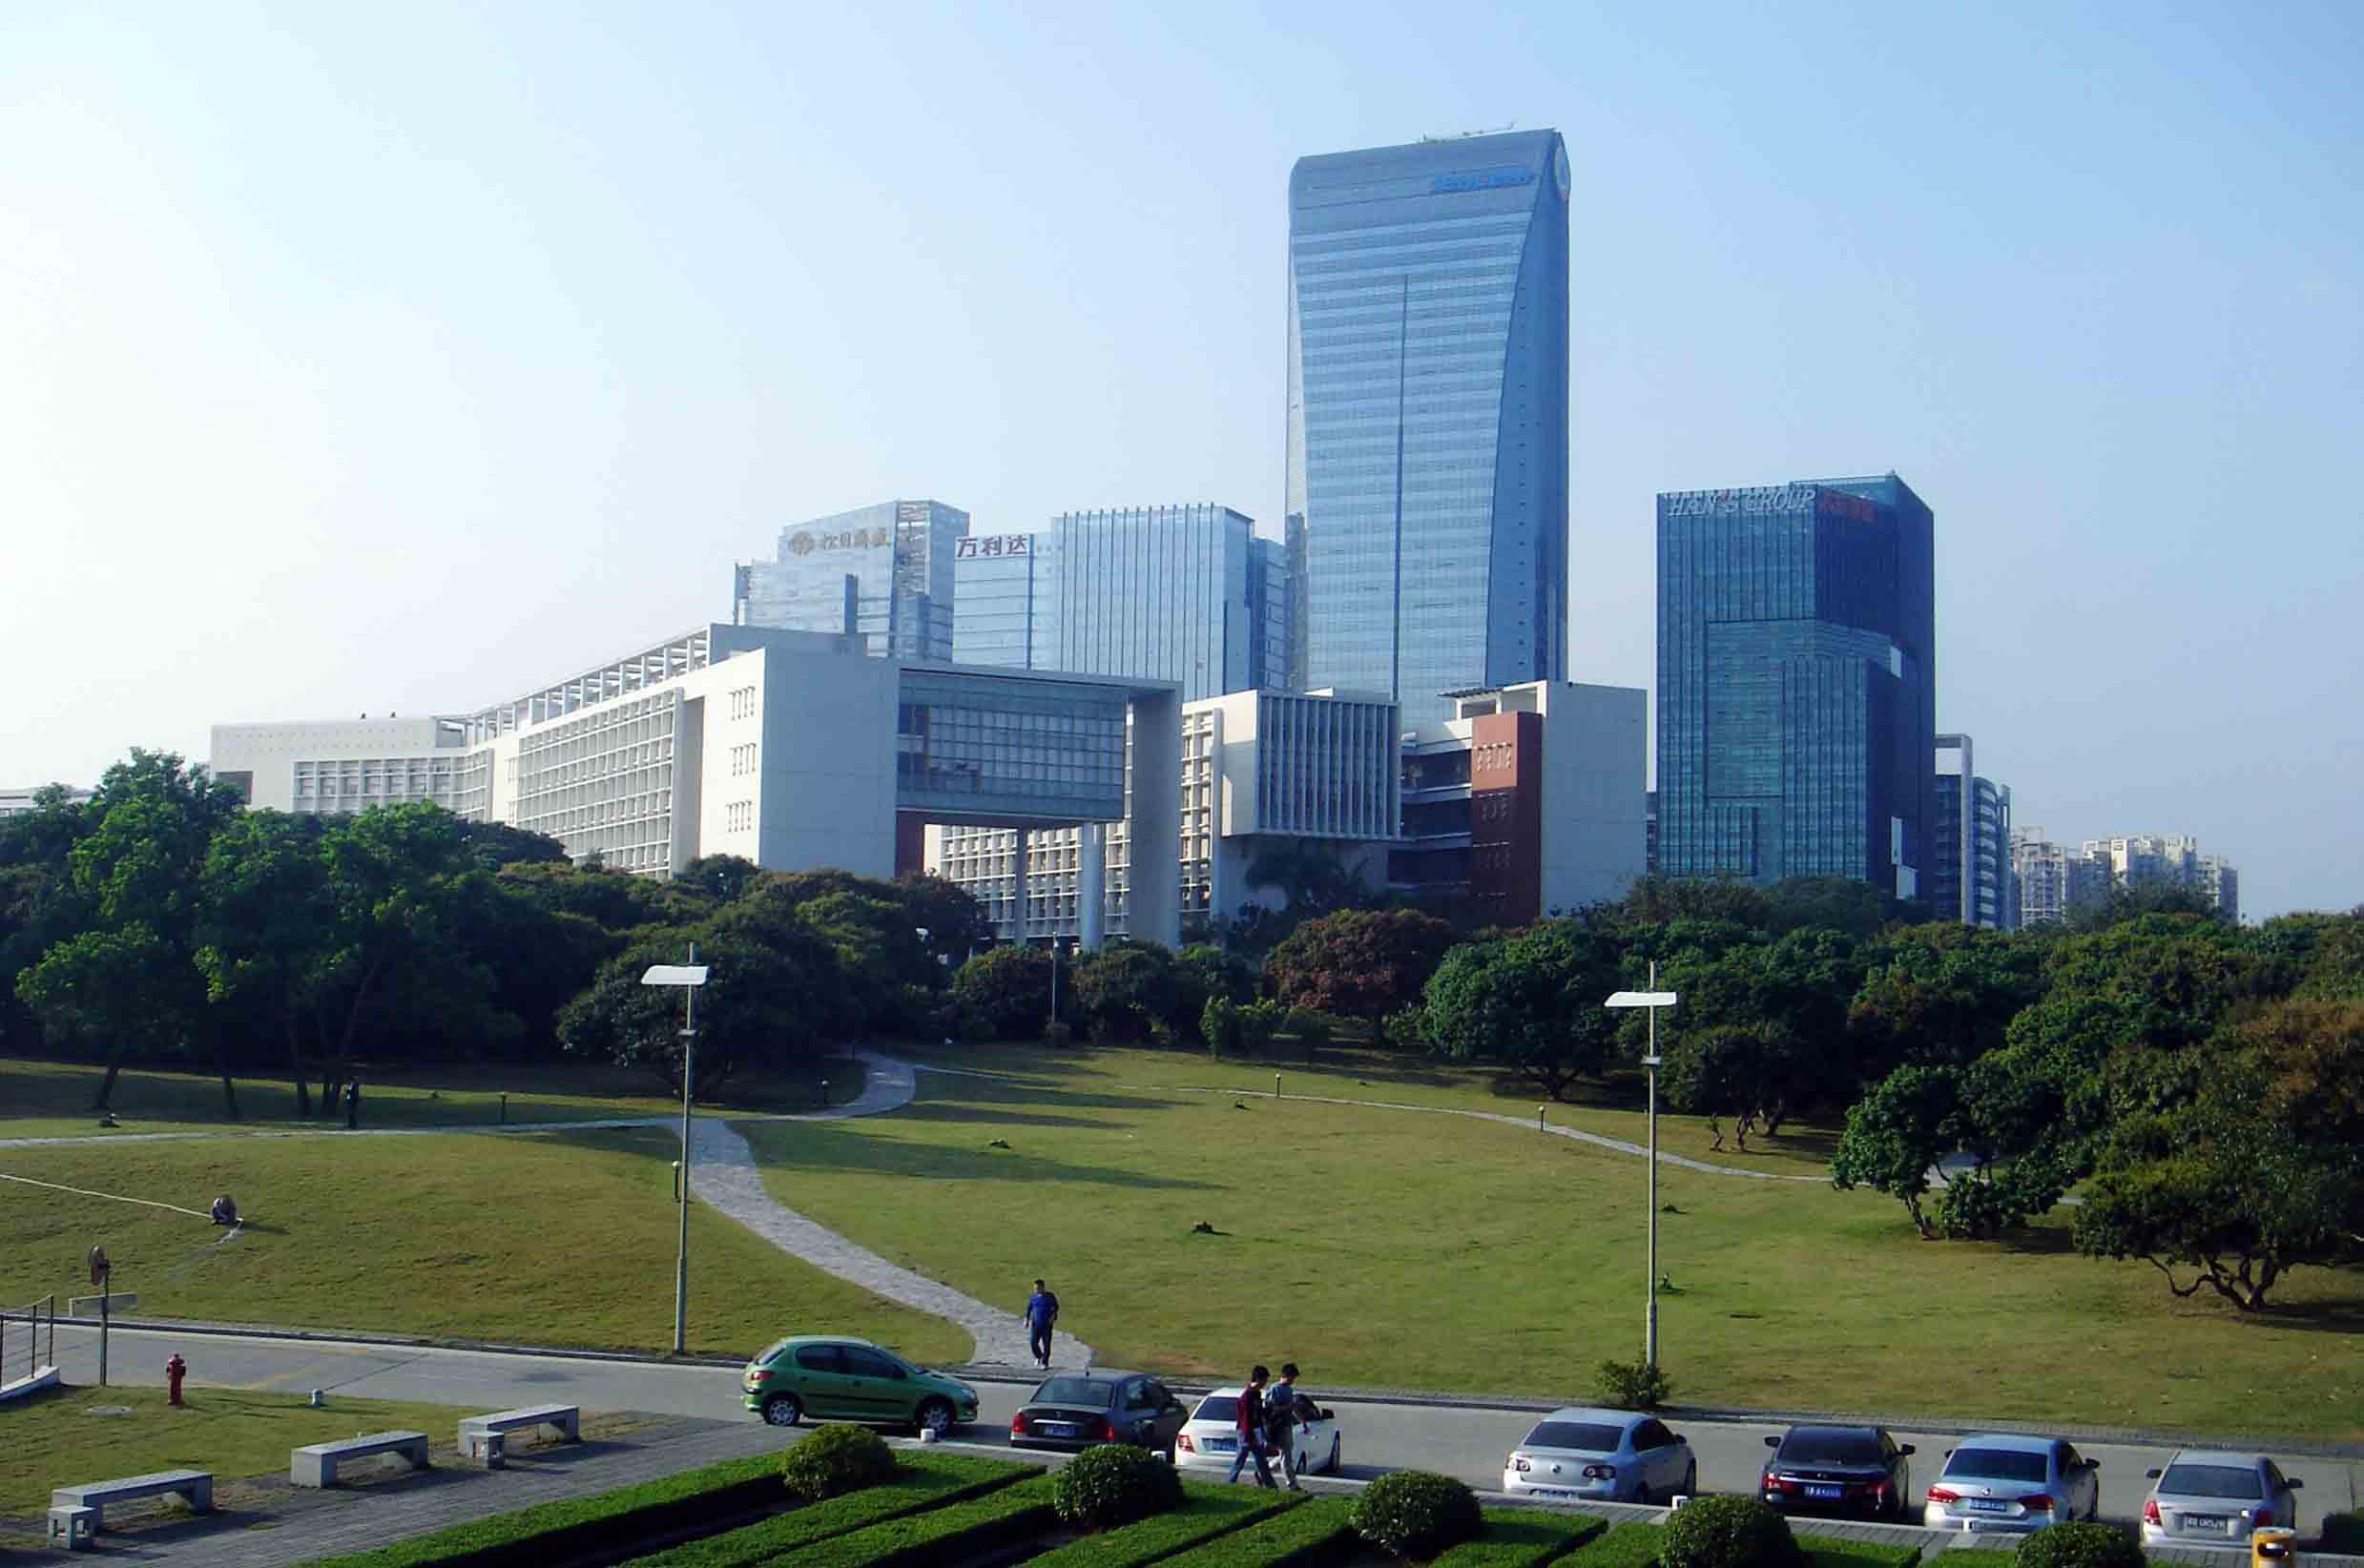 深圳南山科技园,正在打造中国第一科技cbd区!